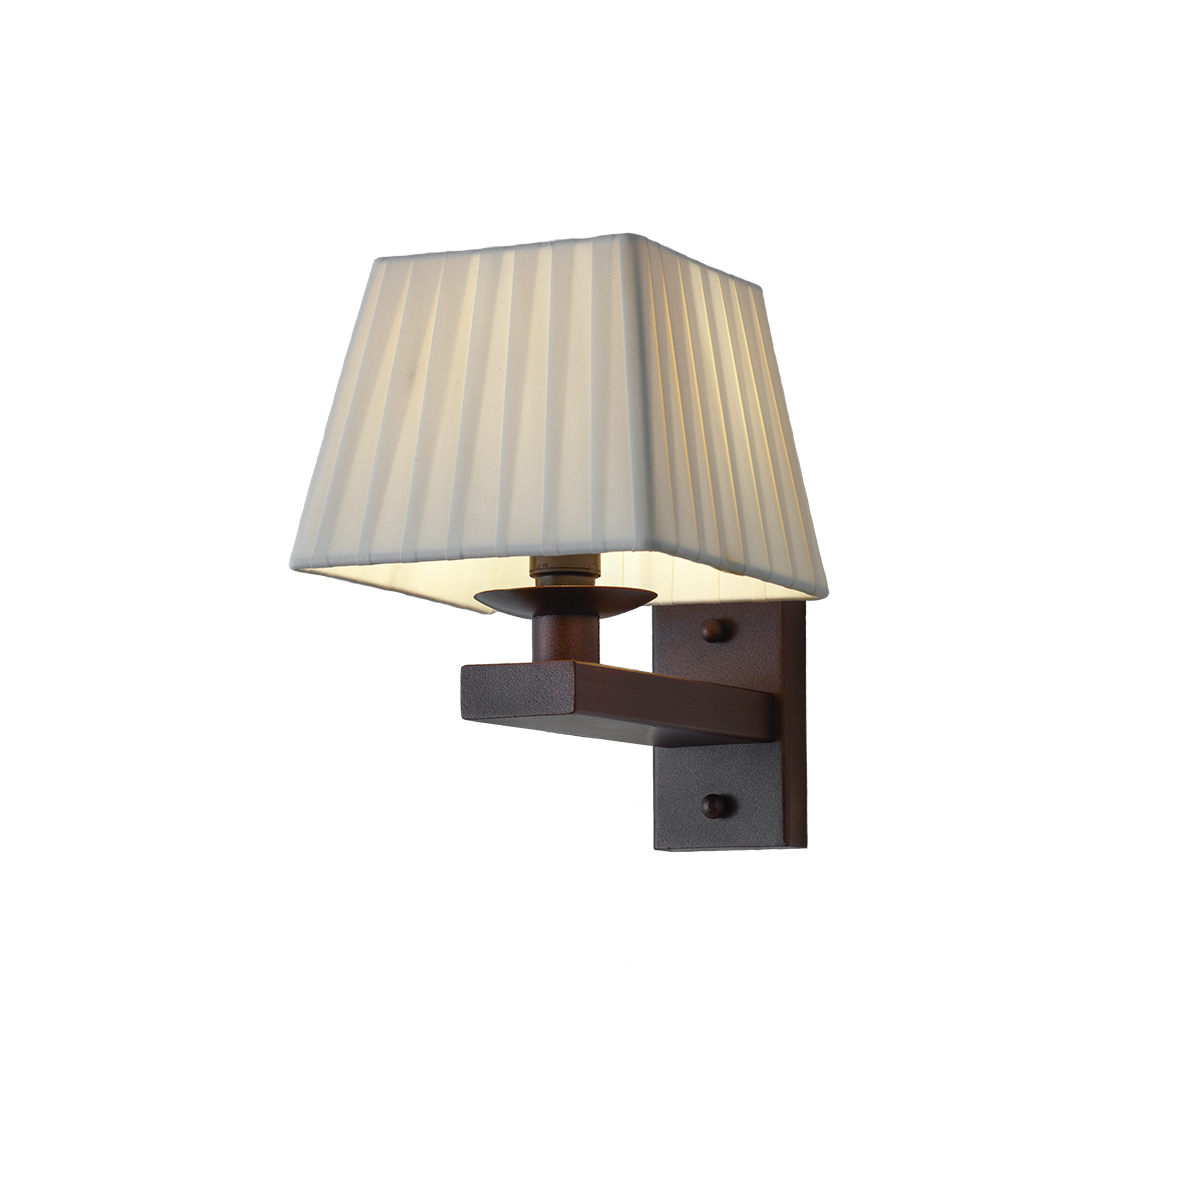 Απλίκα ρουστίκ SMART-CAFE rustic wall lamp